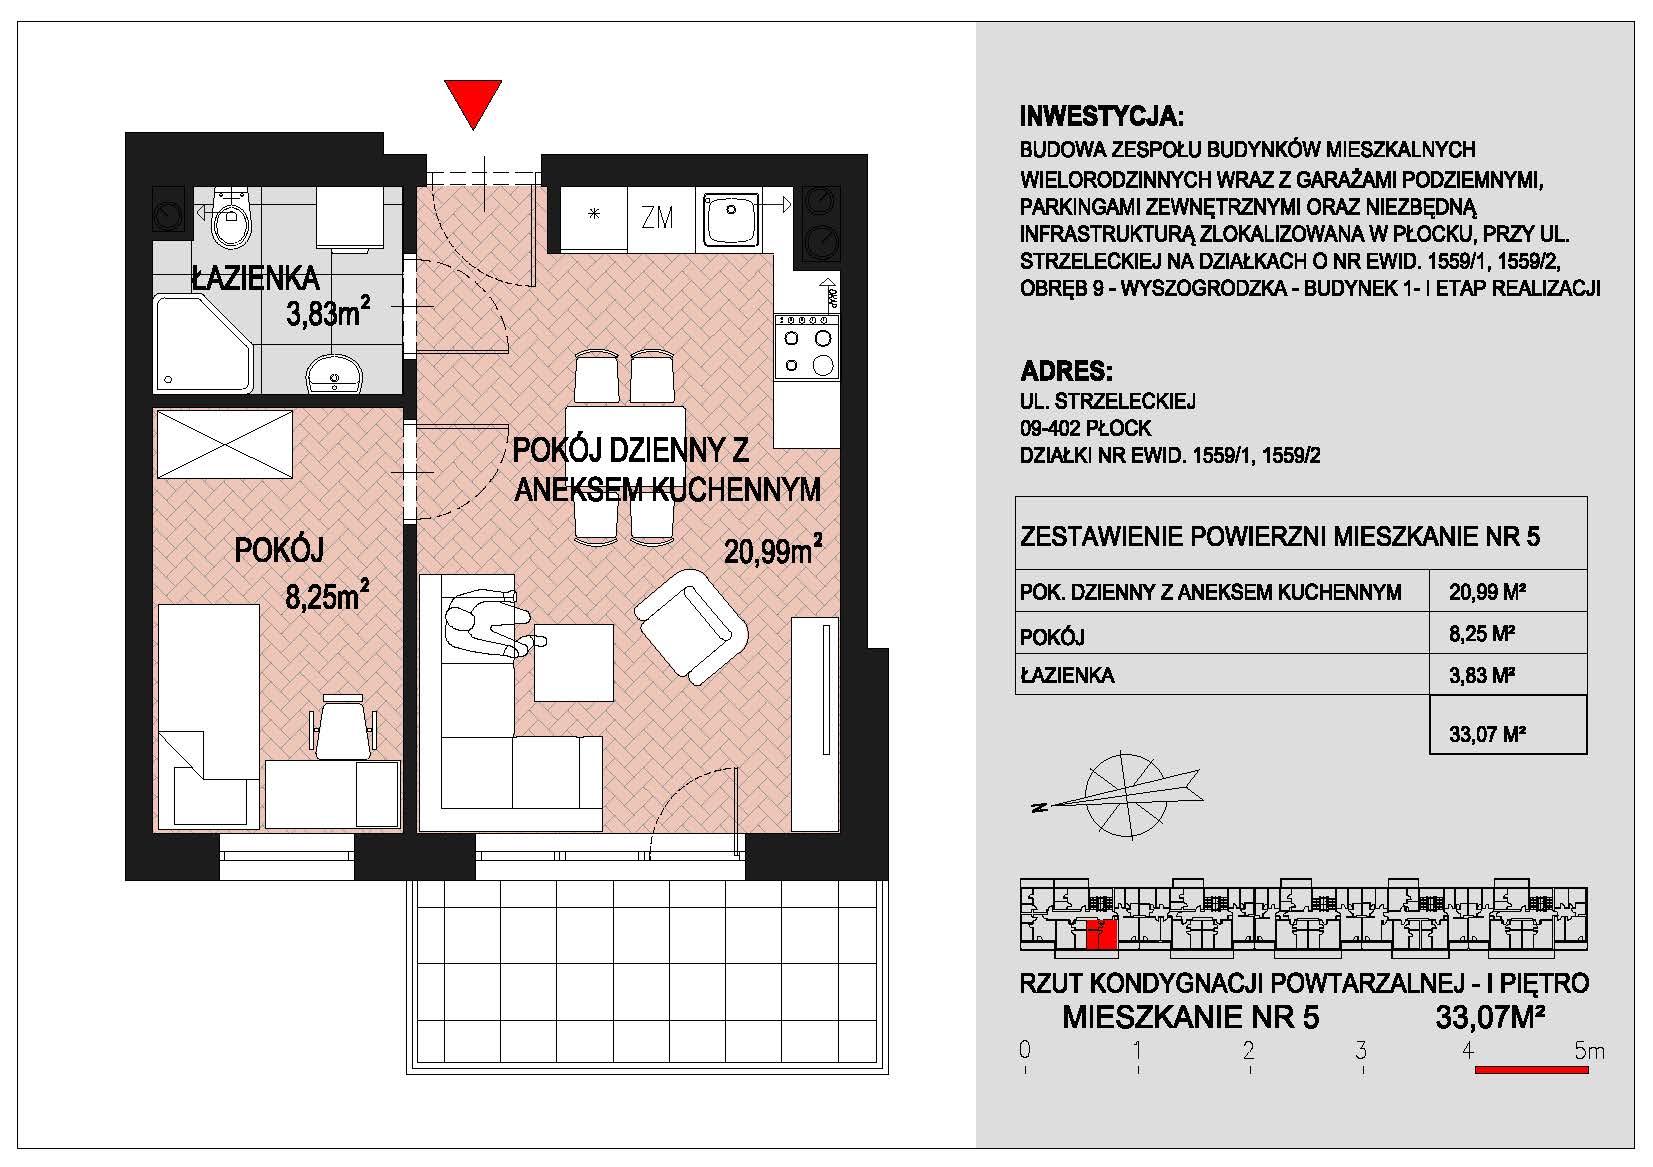 mieszkanie nr 5 PIK Płock